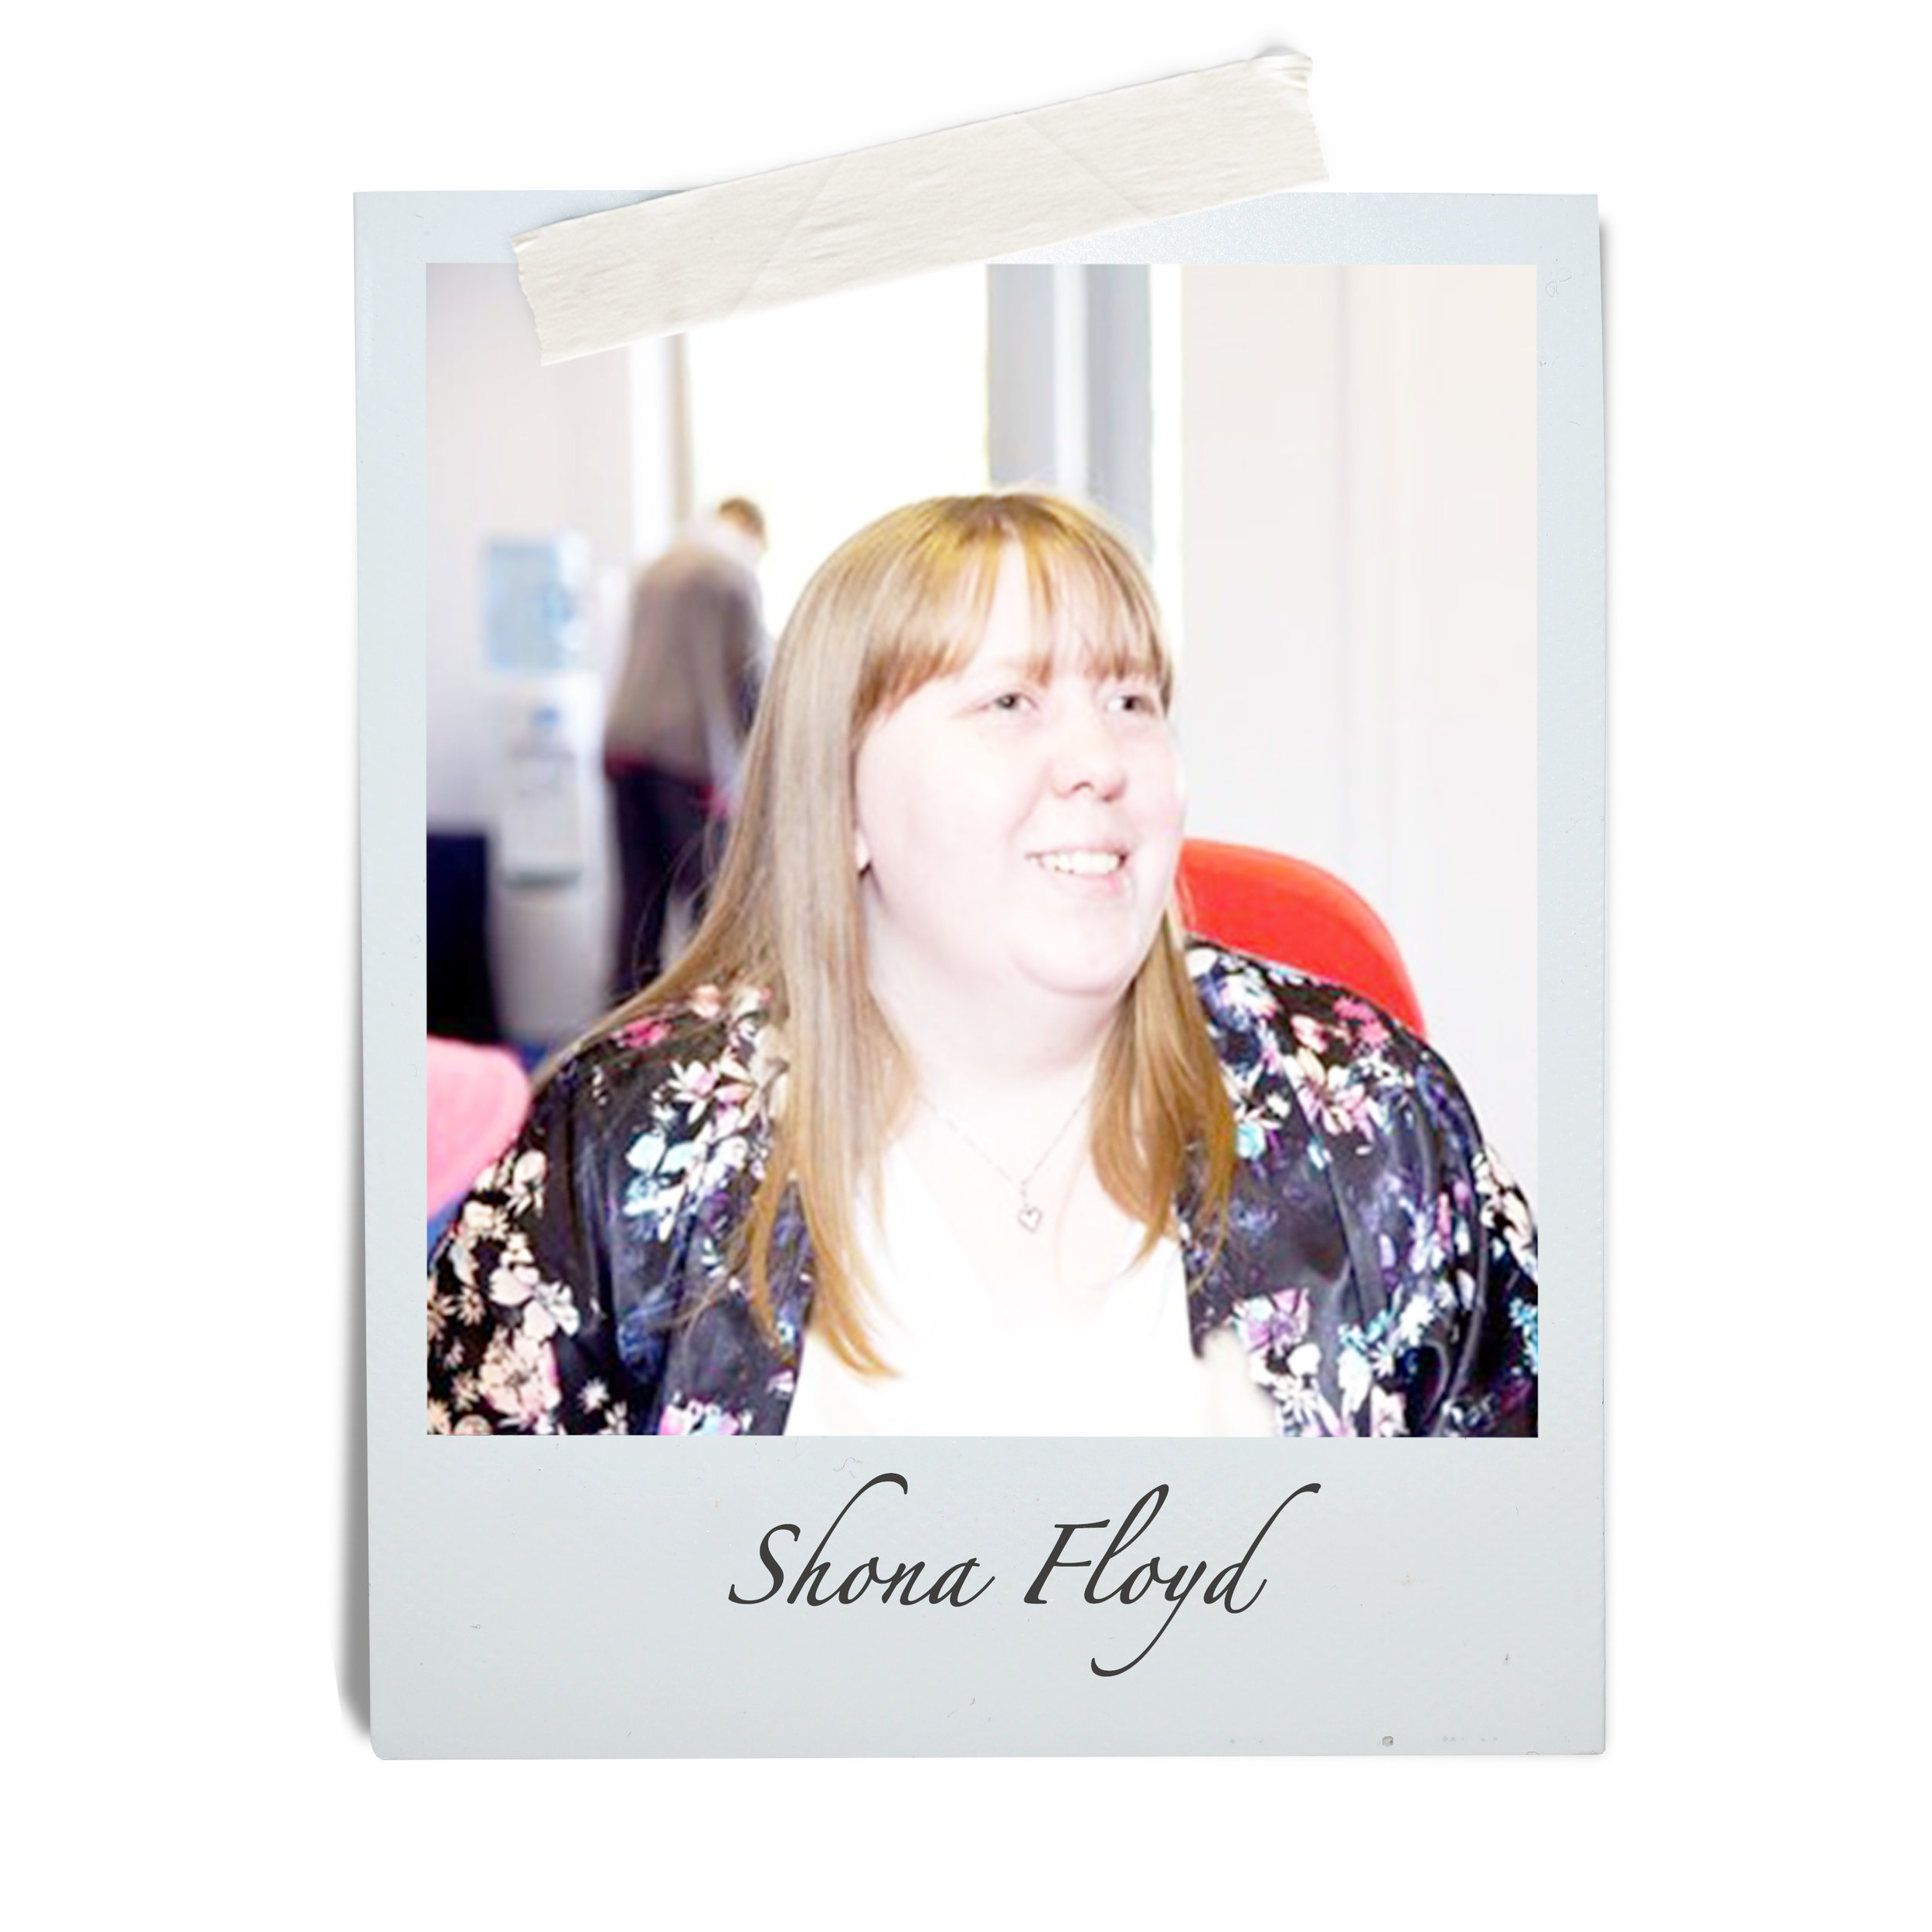 Shona Floyd